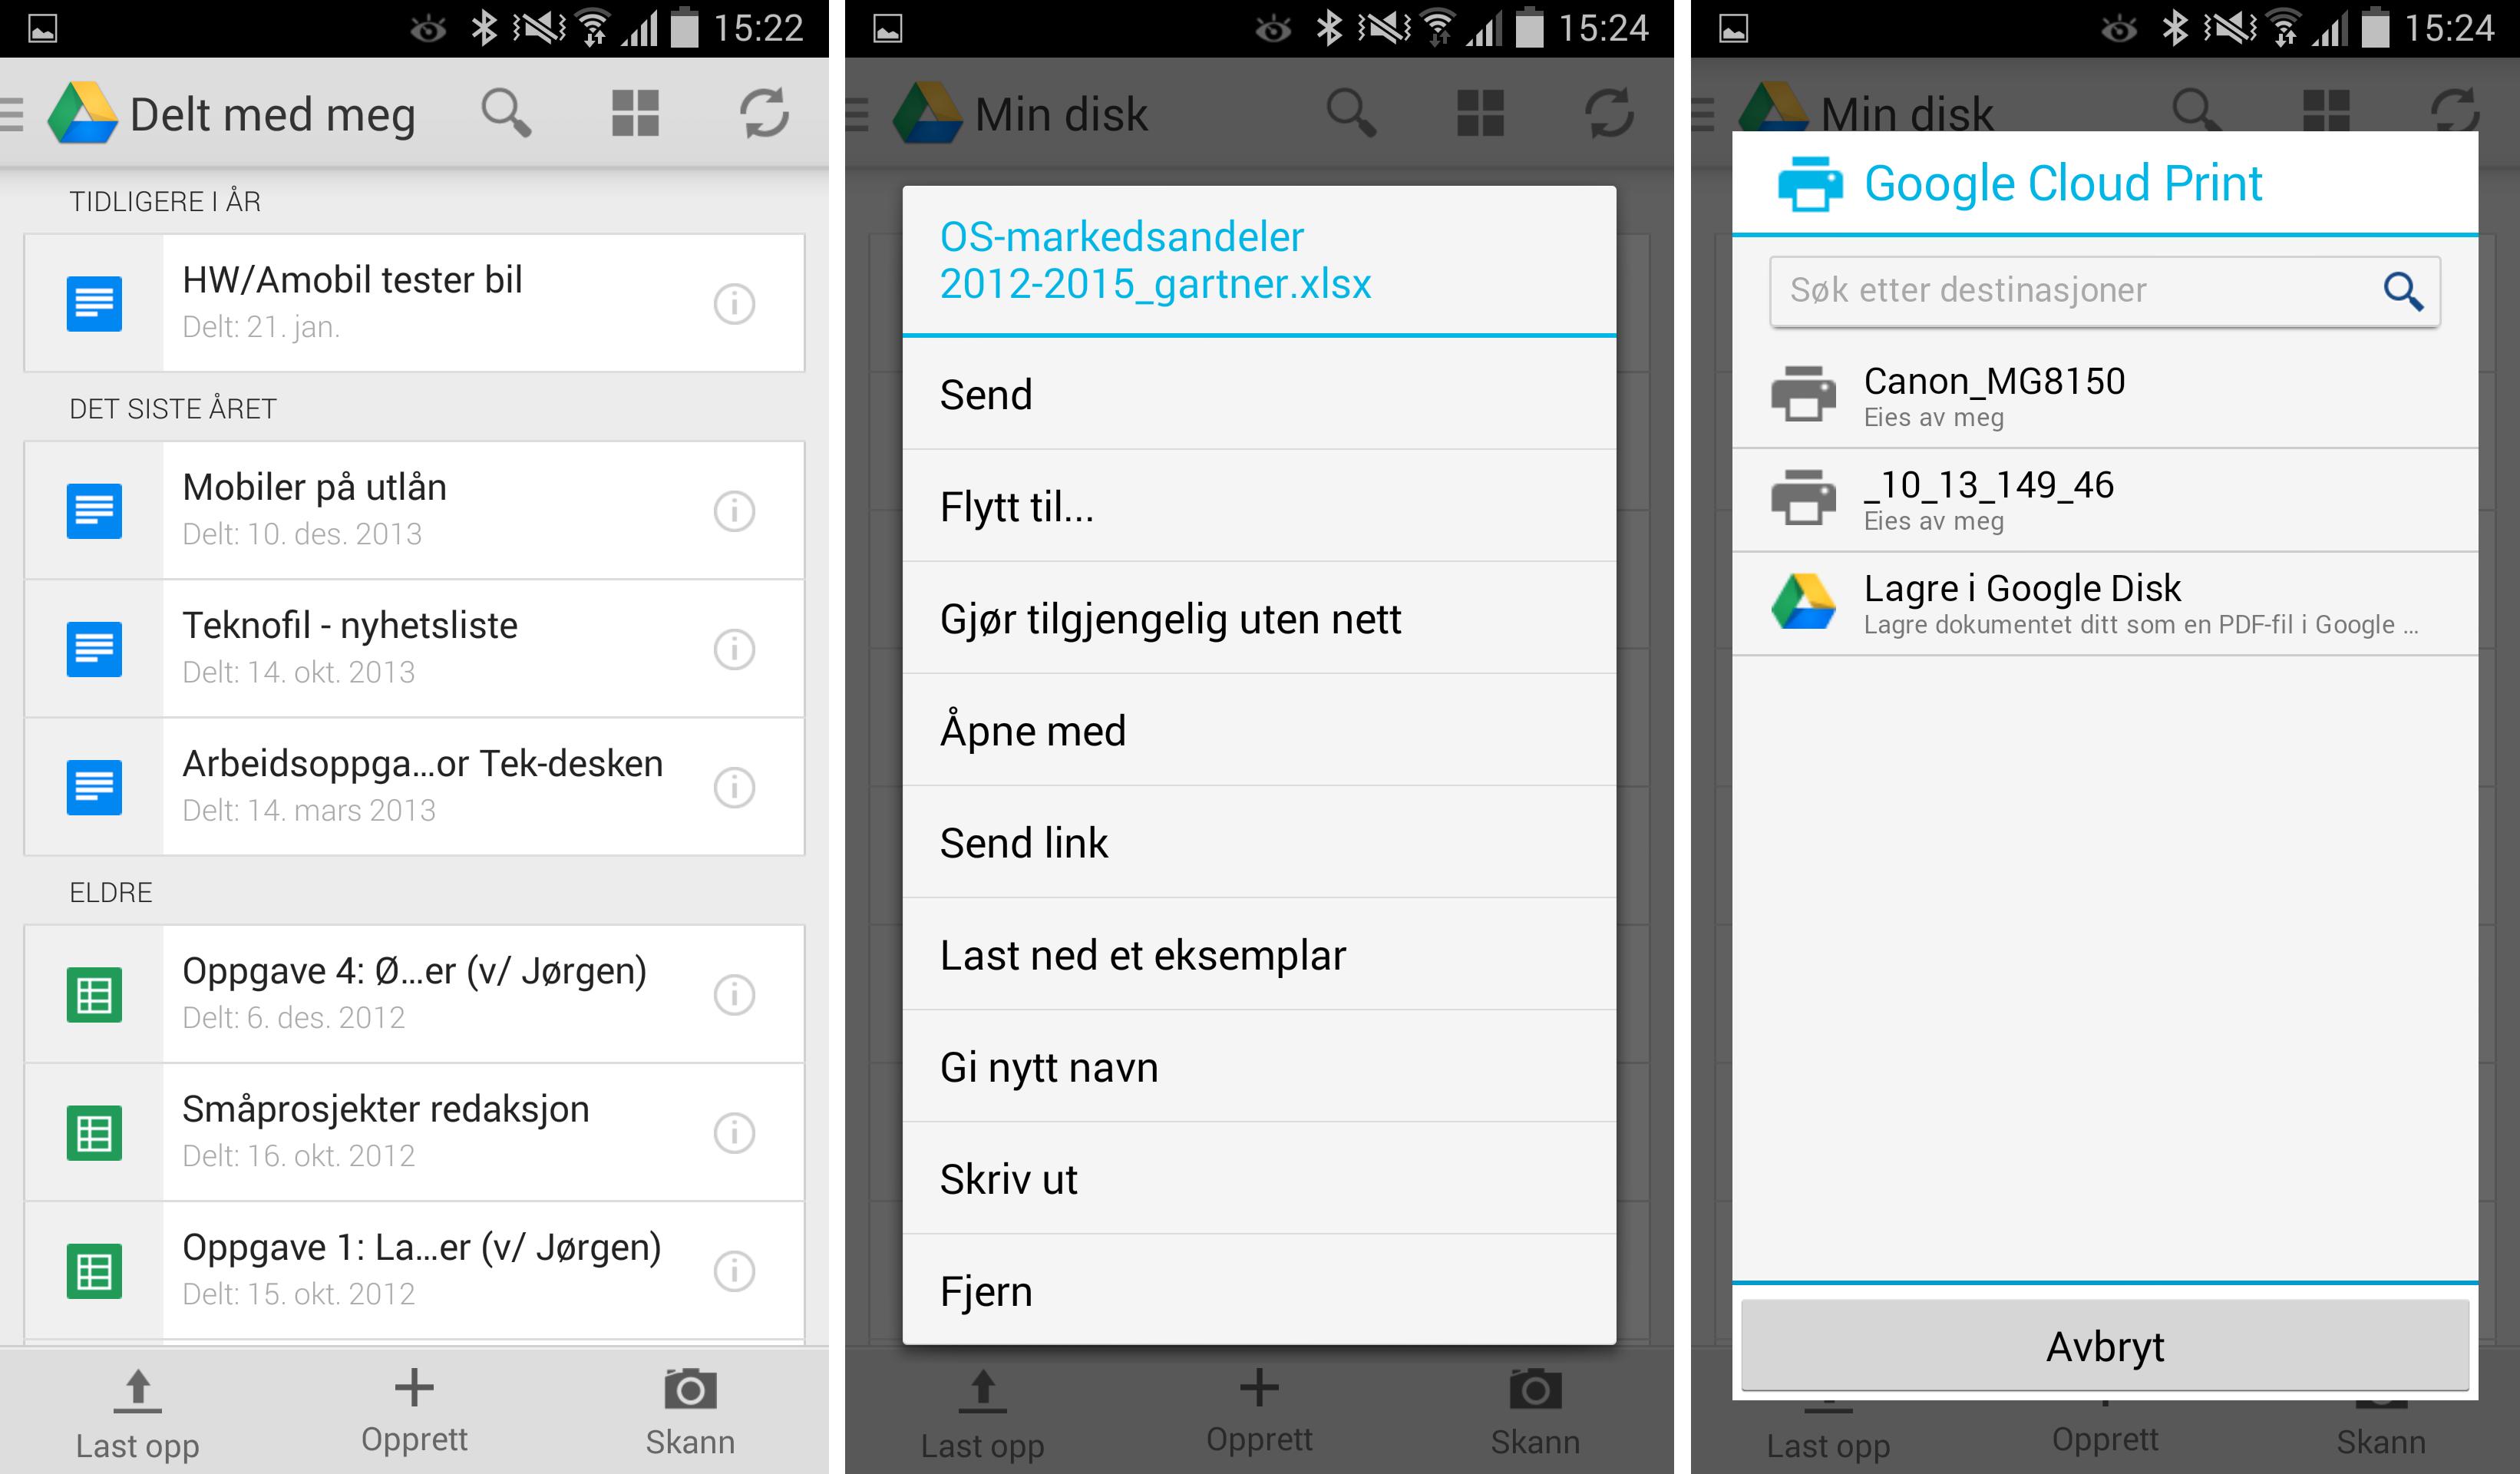 Installerer du Google Disk for Android eller iOS, er det enkelt å skrive ut dokumentene dine.